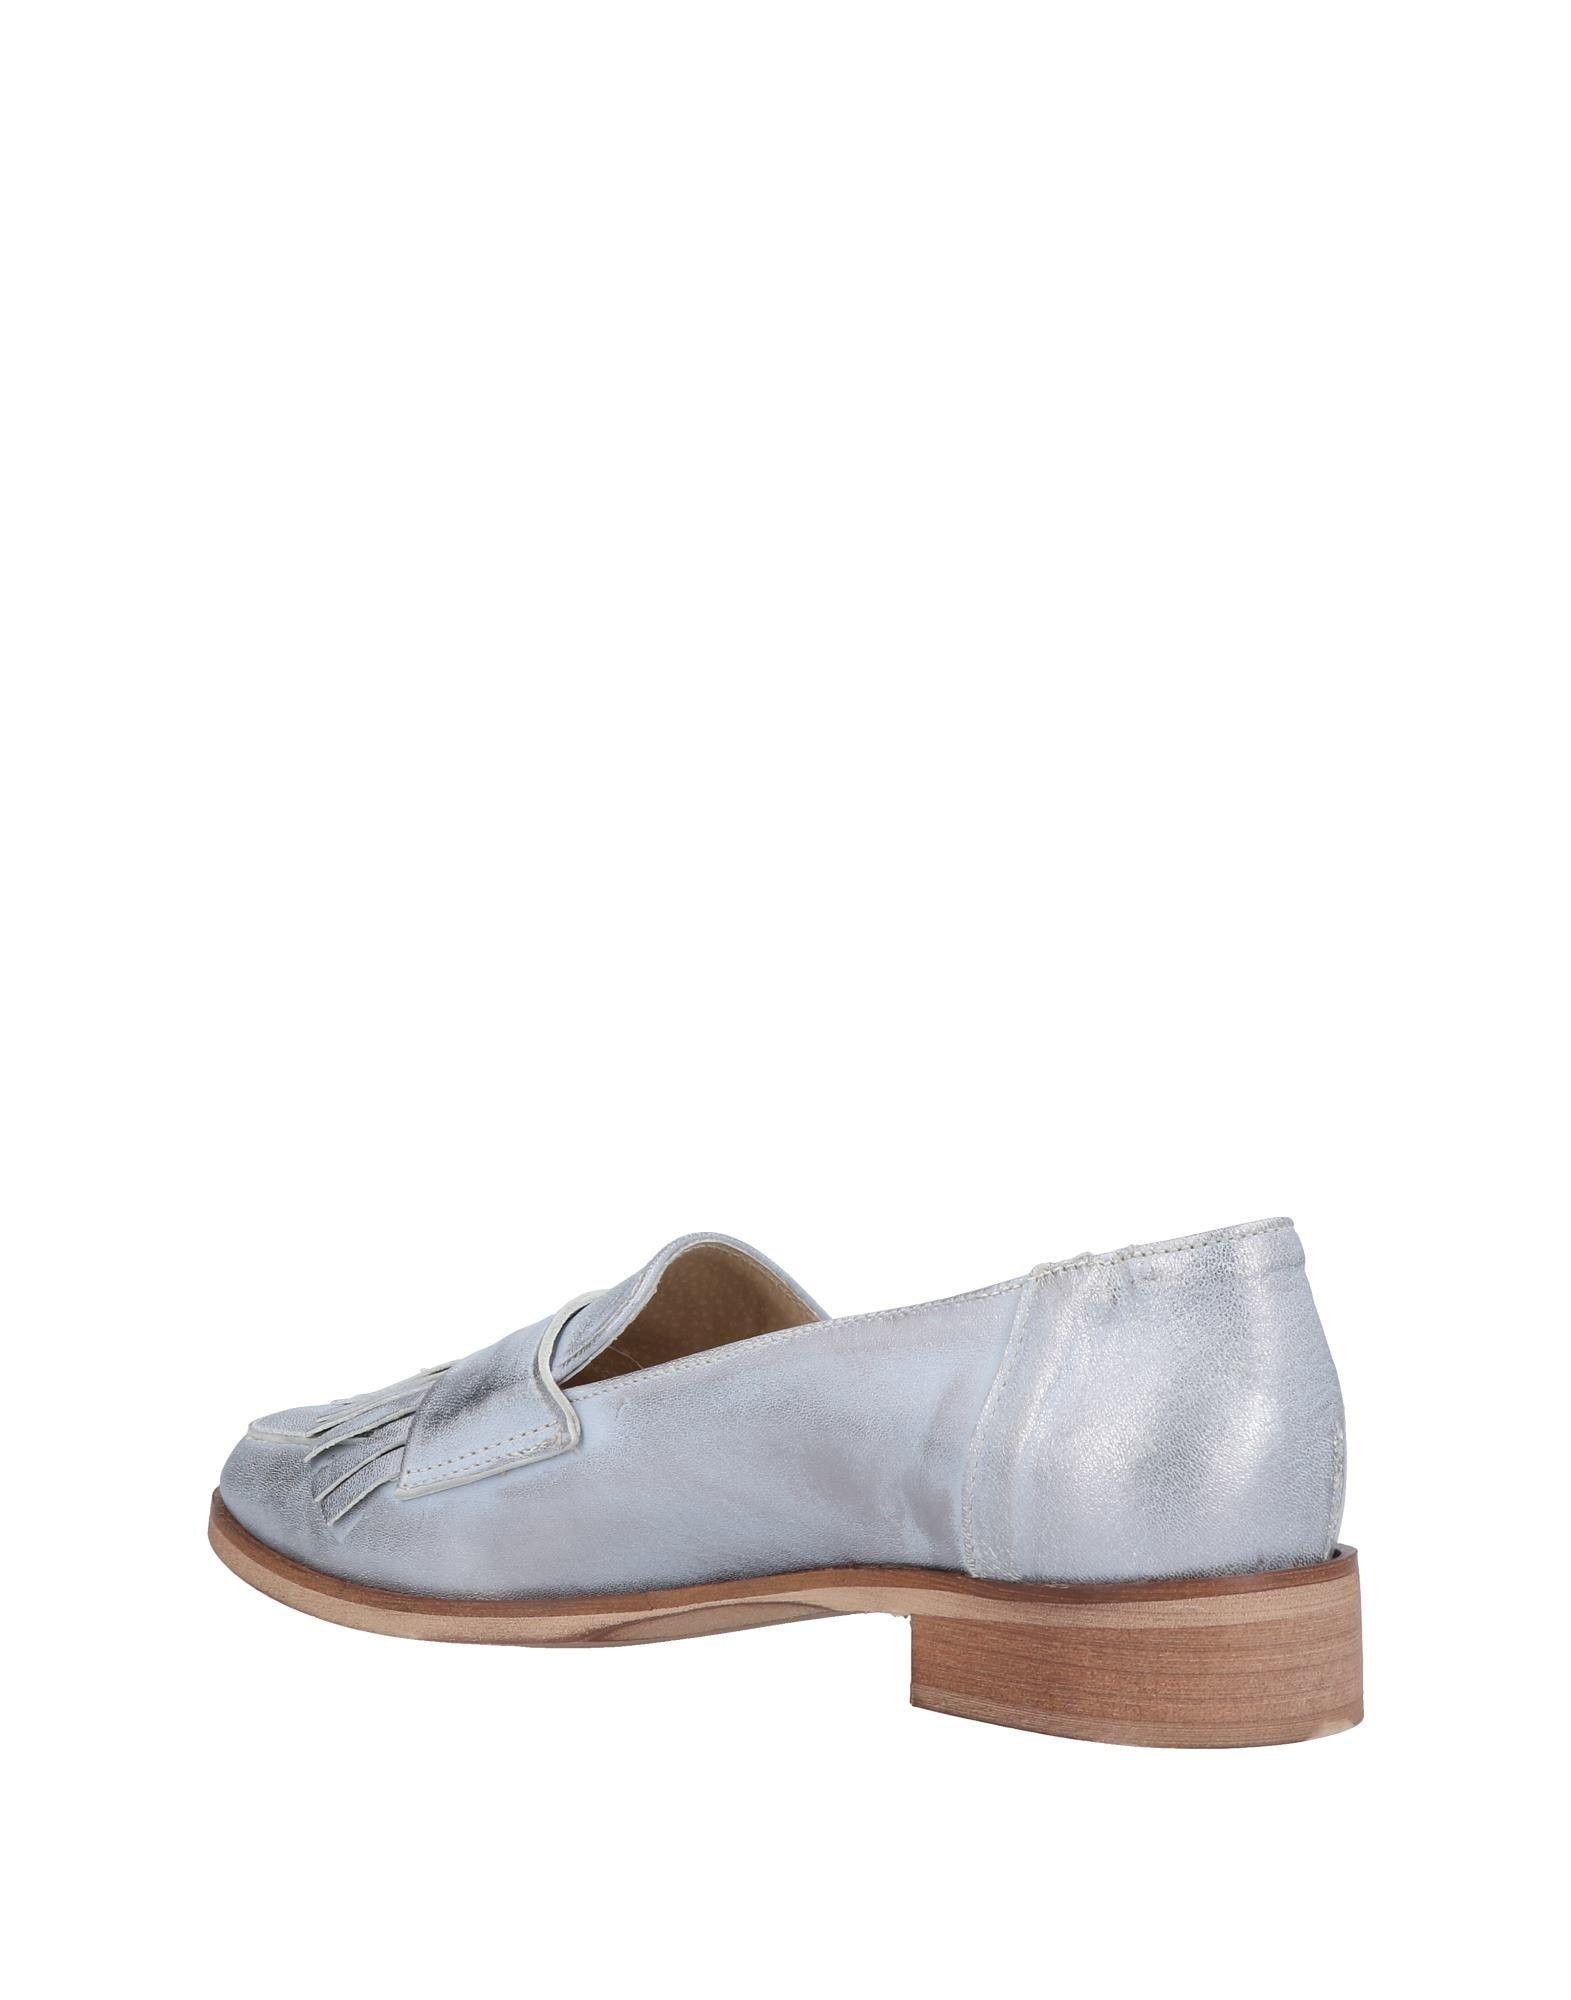 Geneve Mokassins Damen  beliebte 11467690TI Gute Qualität beliebte  Schuhe 8f9669